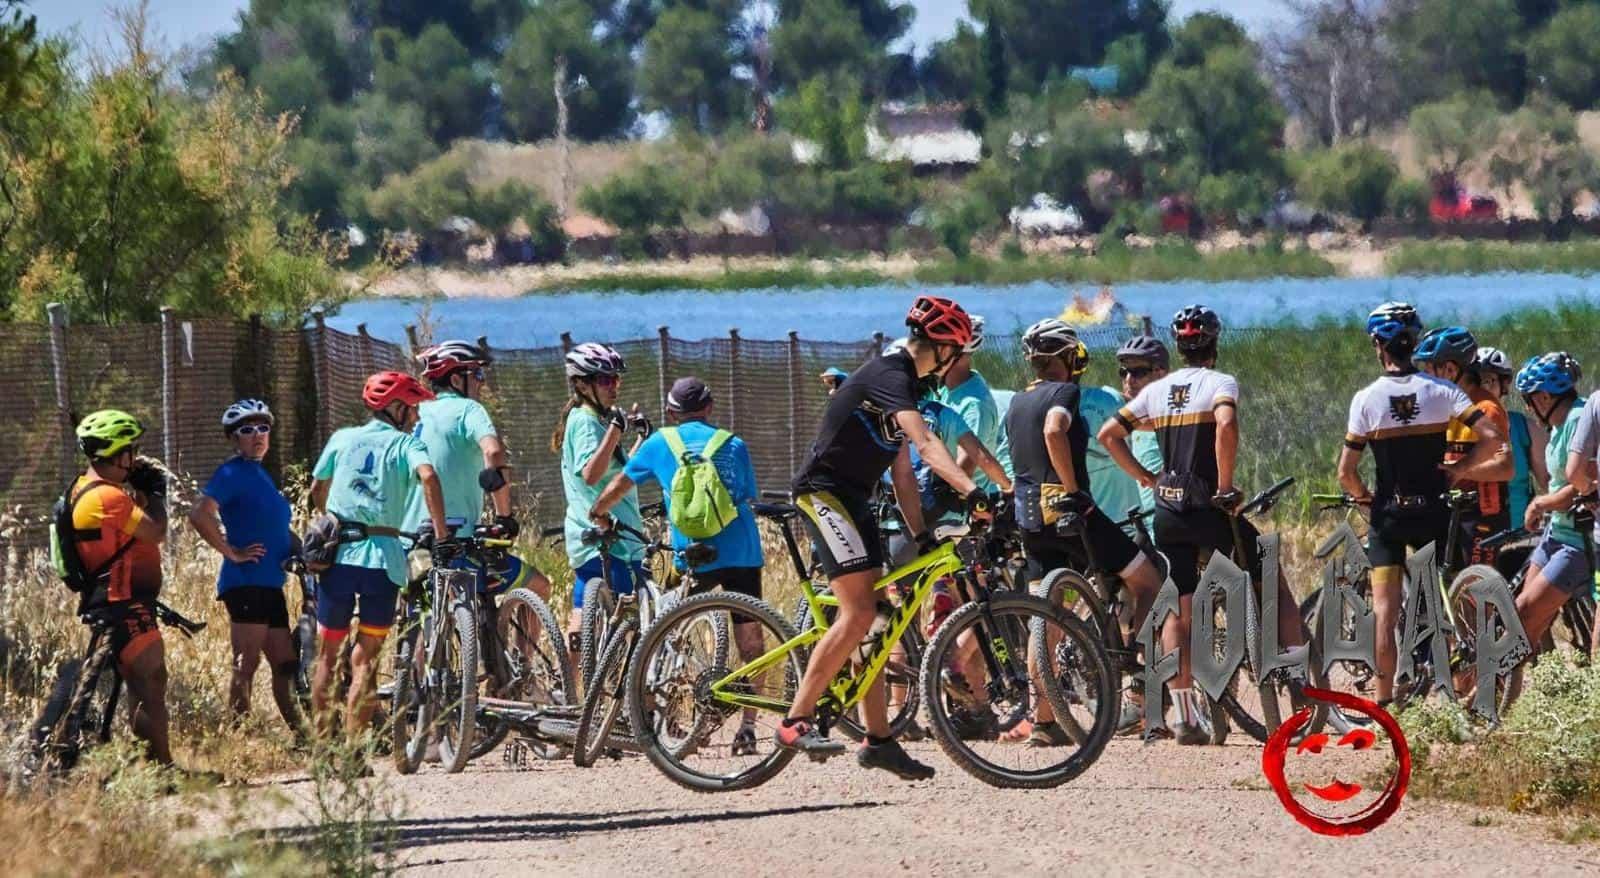 Vuelve el Escribano palustre a las Lagunas de Villafranca, una prueba más de la necesidad de conservar este ecosistema 29